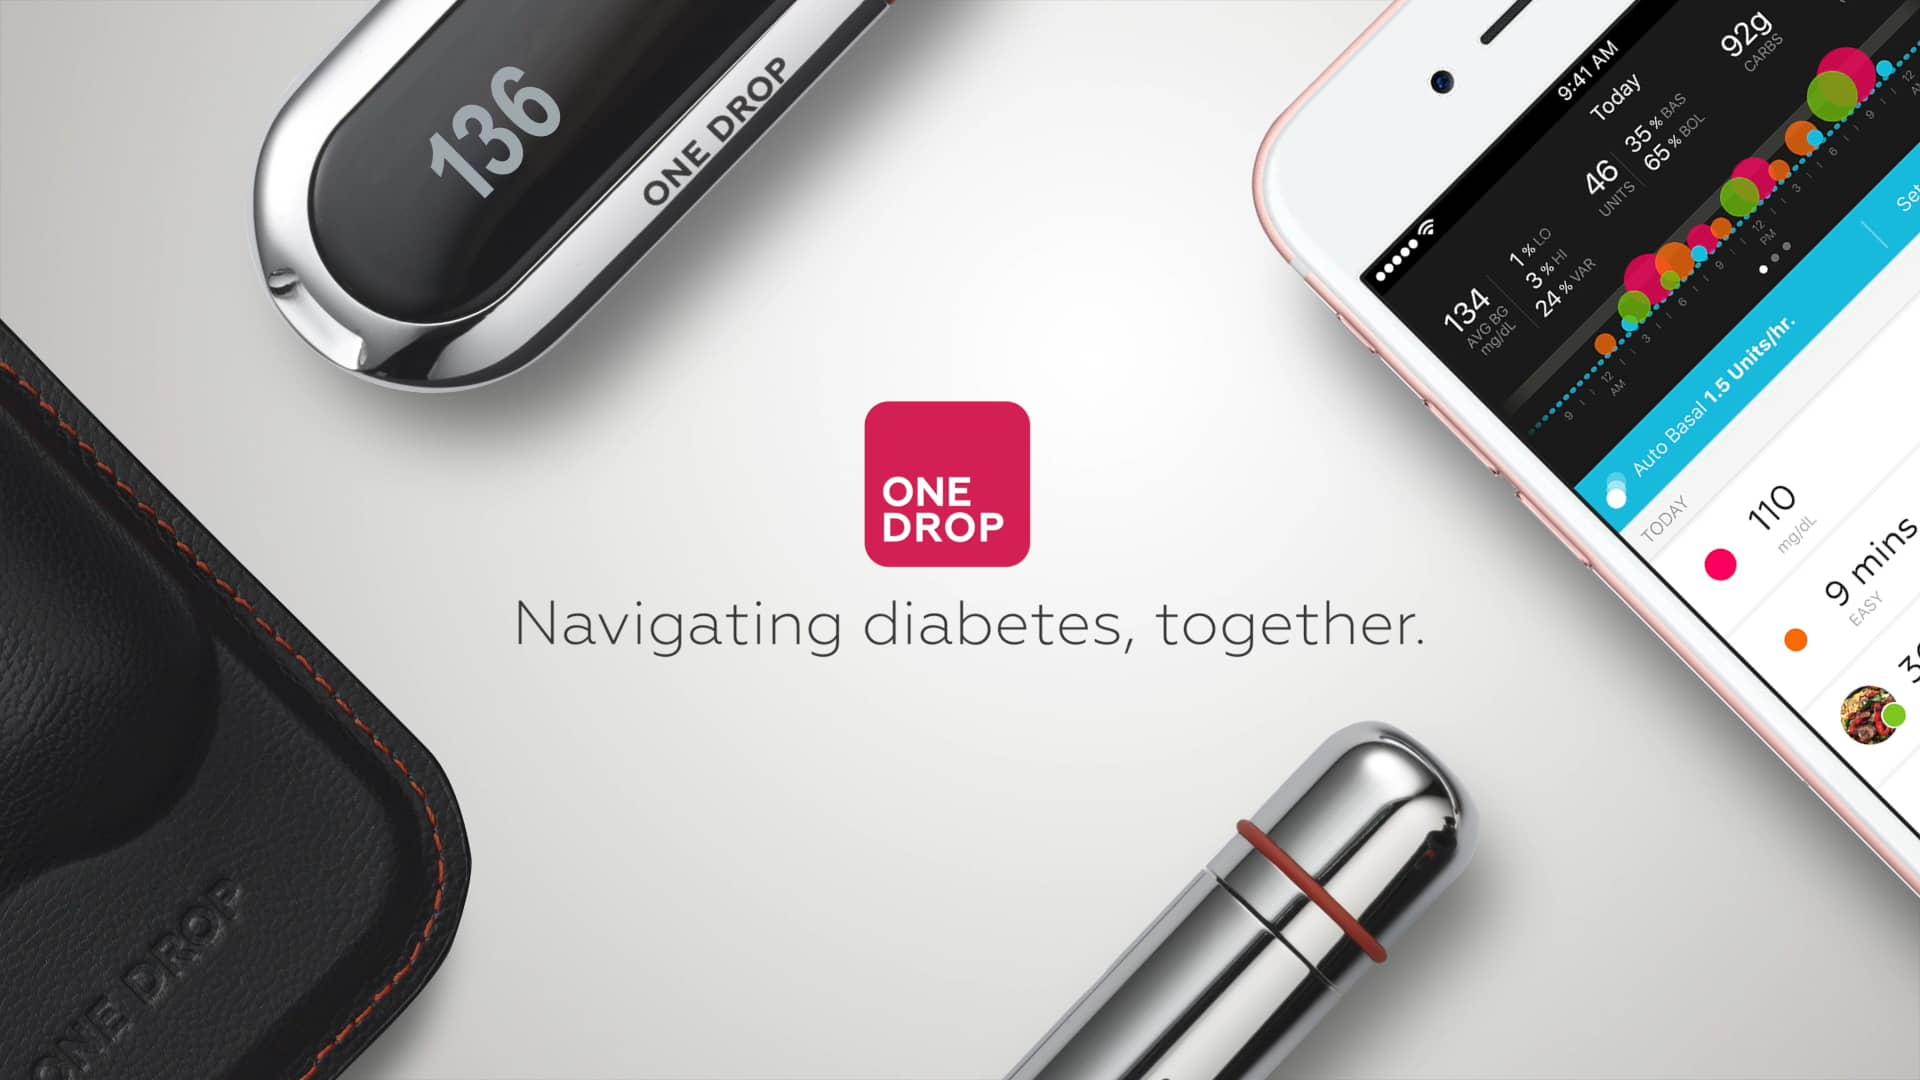 One Drop Diabetes Management System